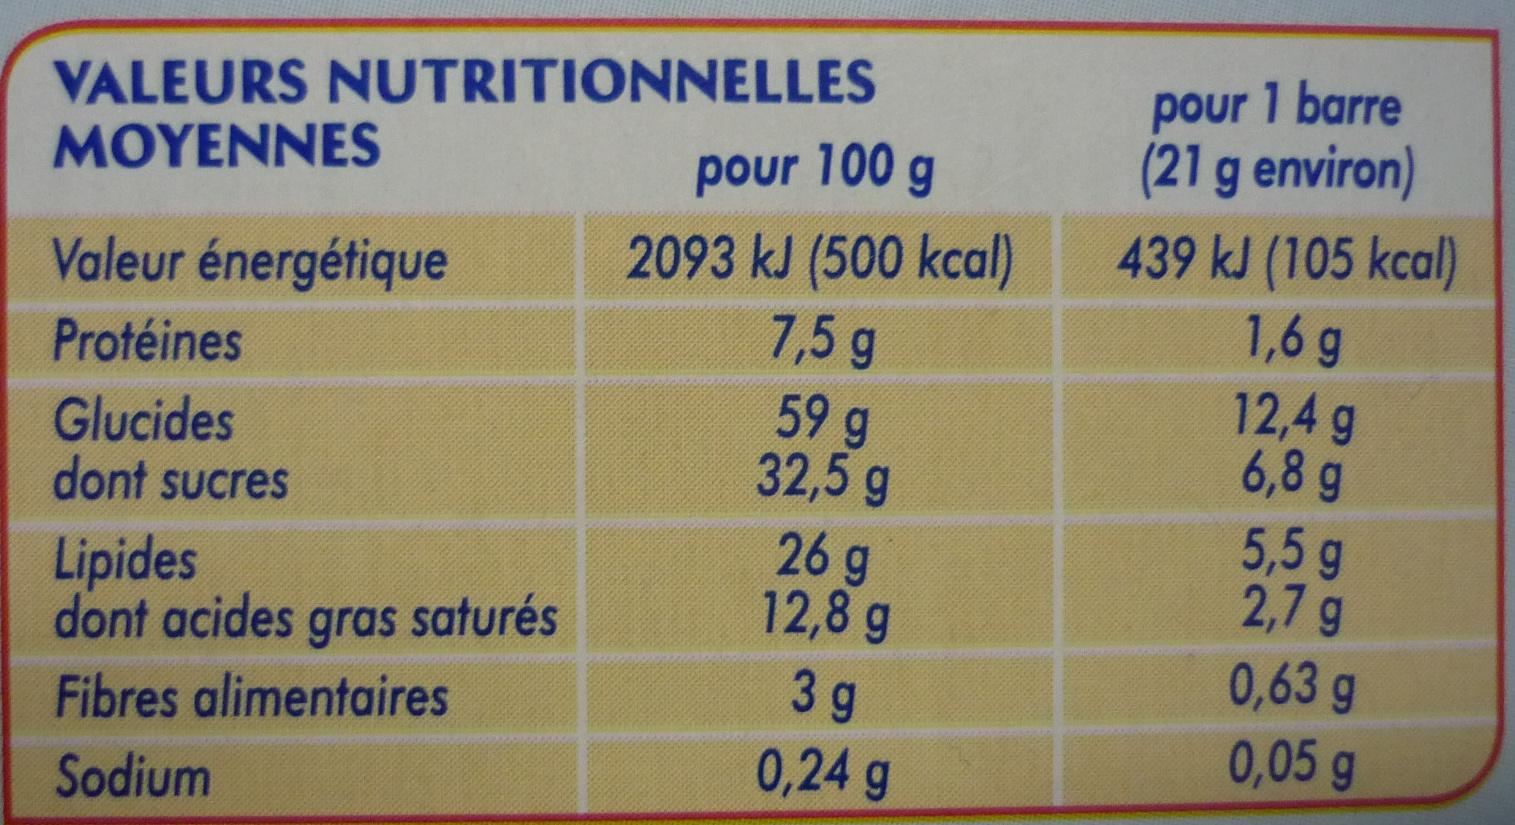 Kassoa pocket chocolat au lait - Voedingswaarden - fr